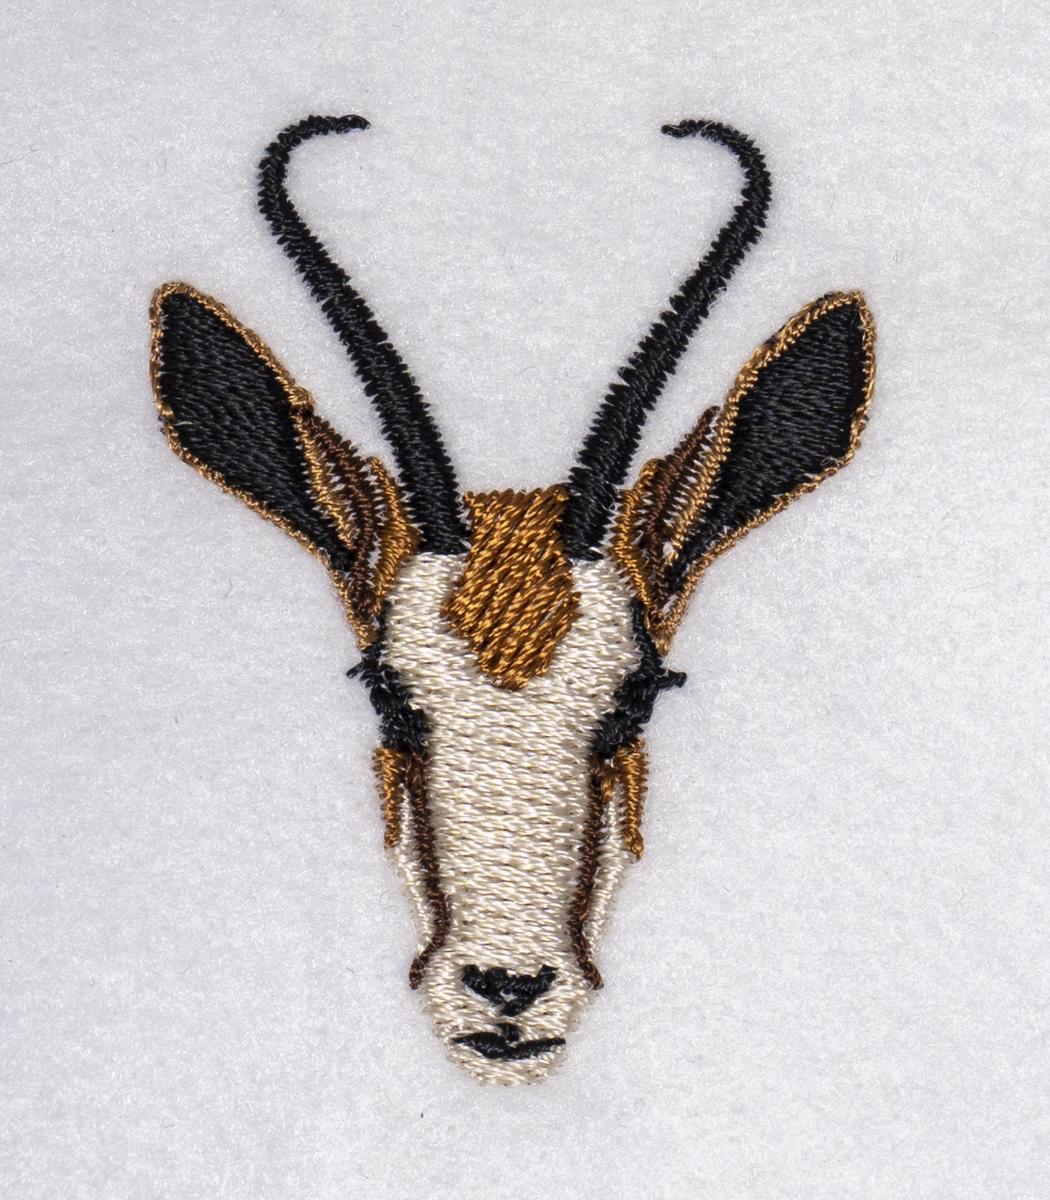 f:id:embroideryplay:20191017131644j:plain